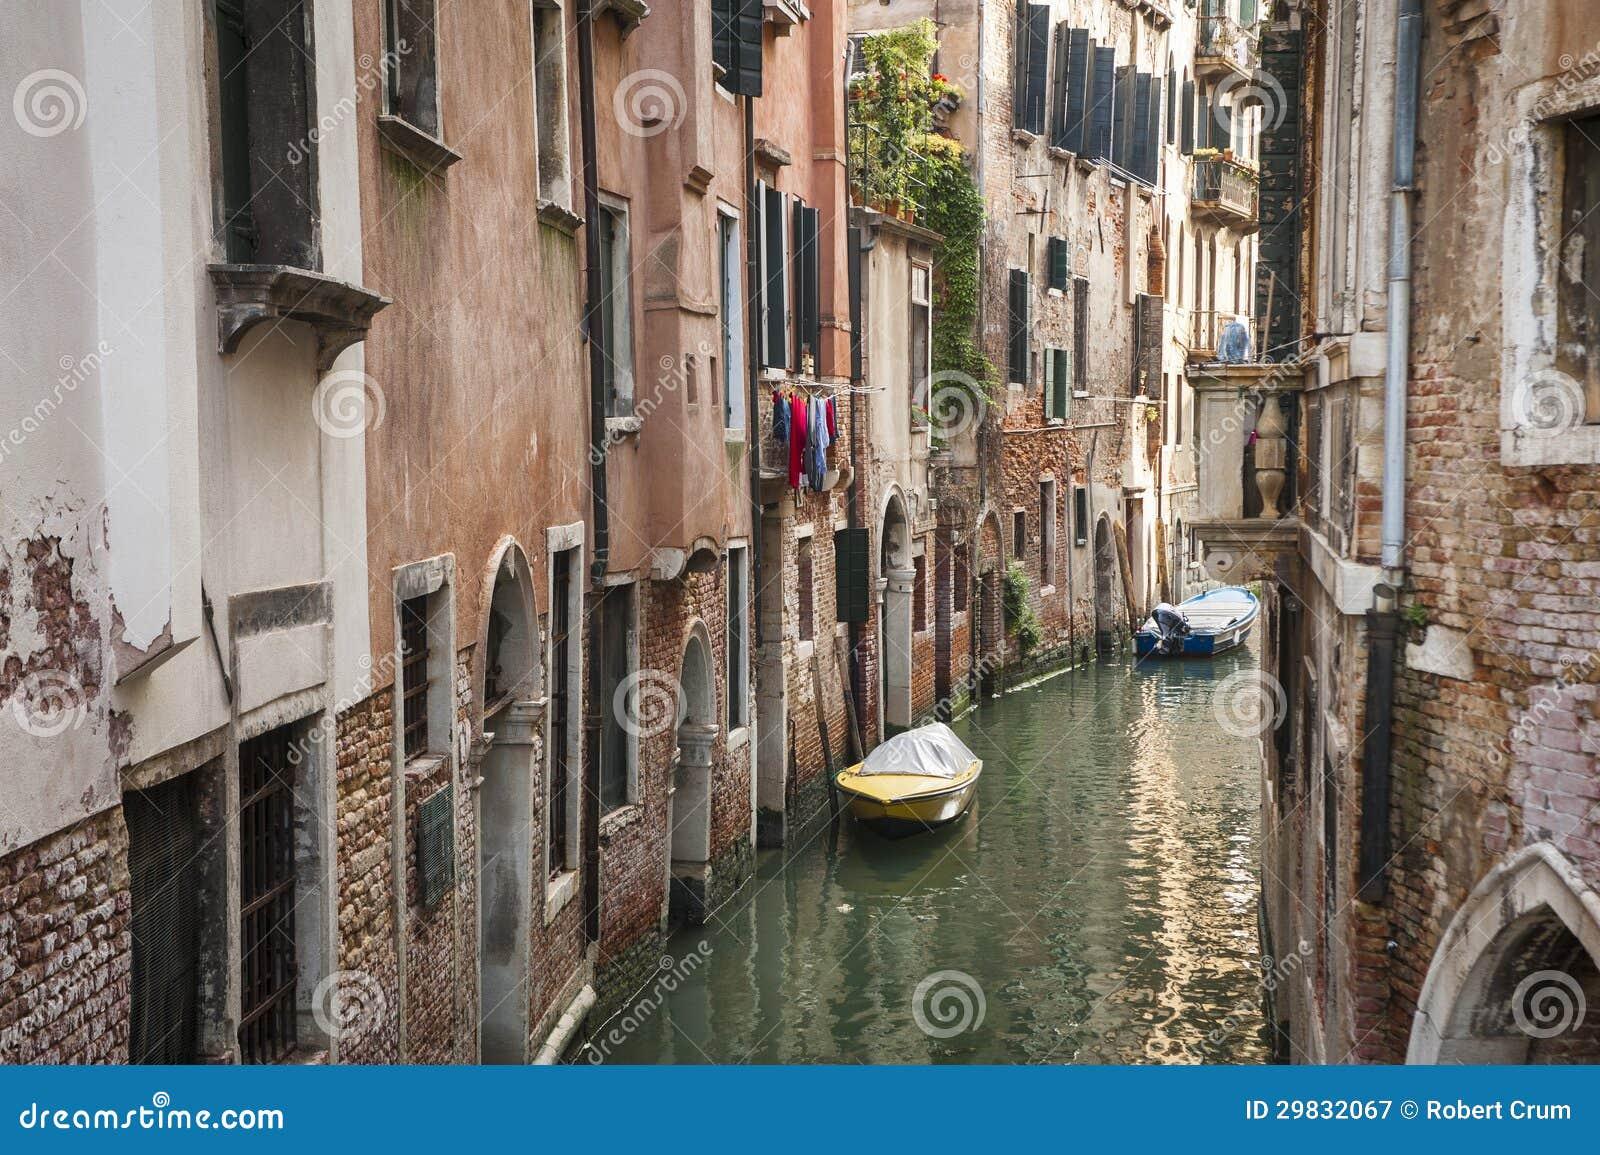 Construções ao lado de um canal, Veneza, Italia